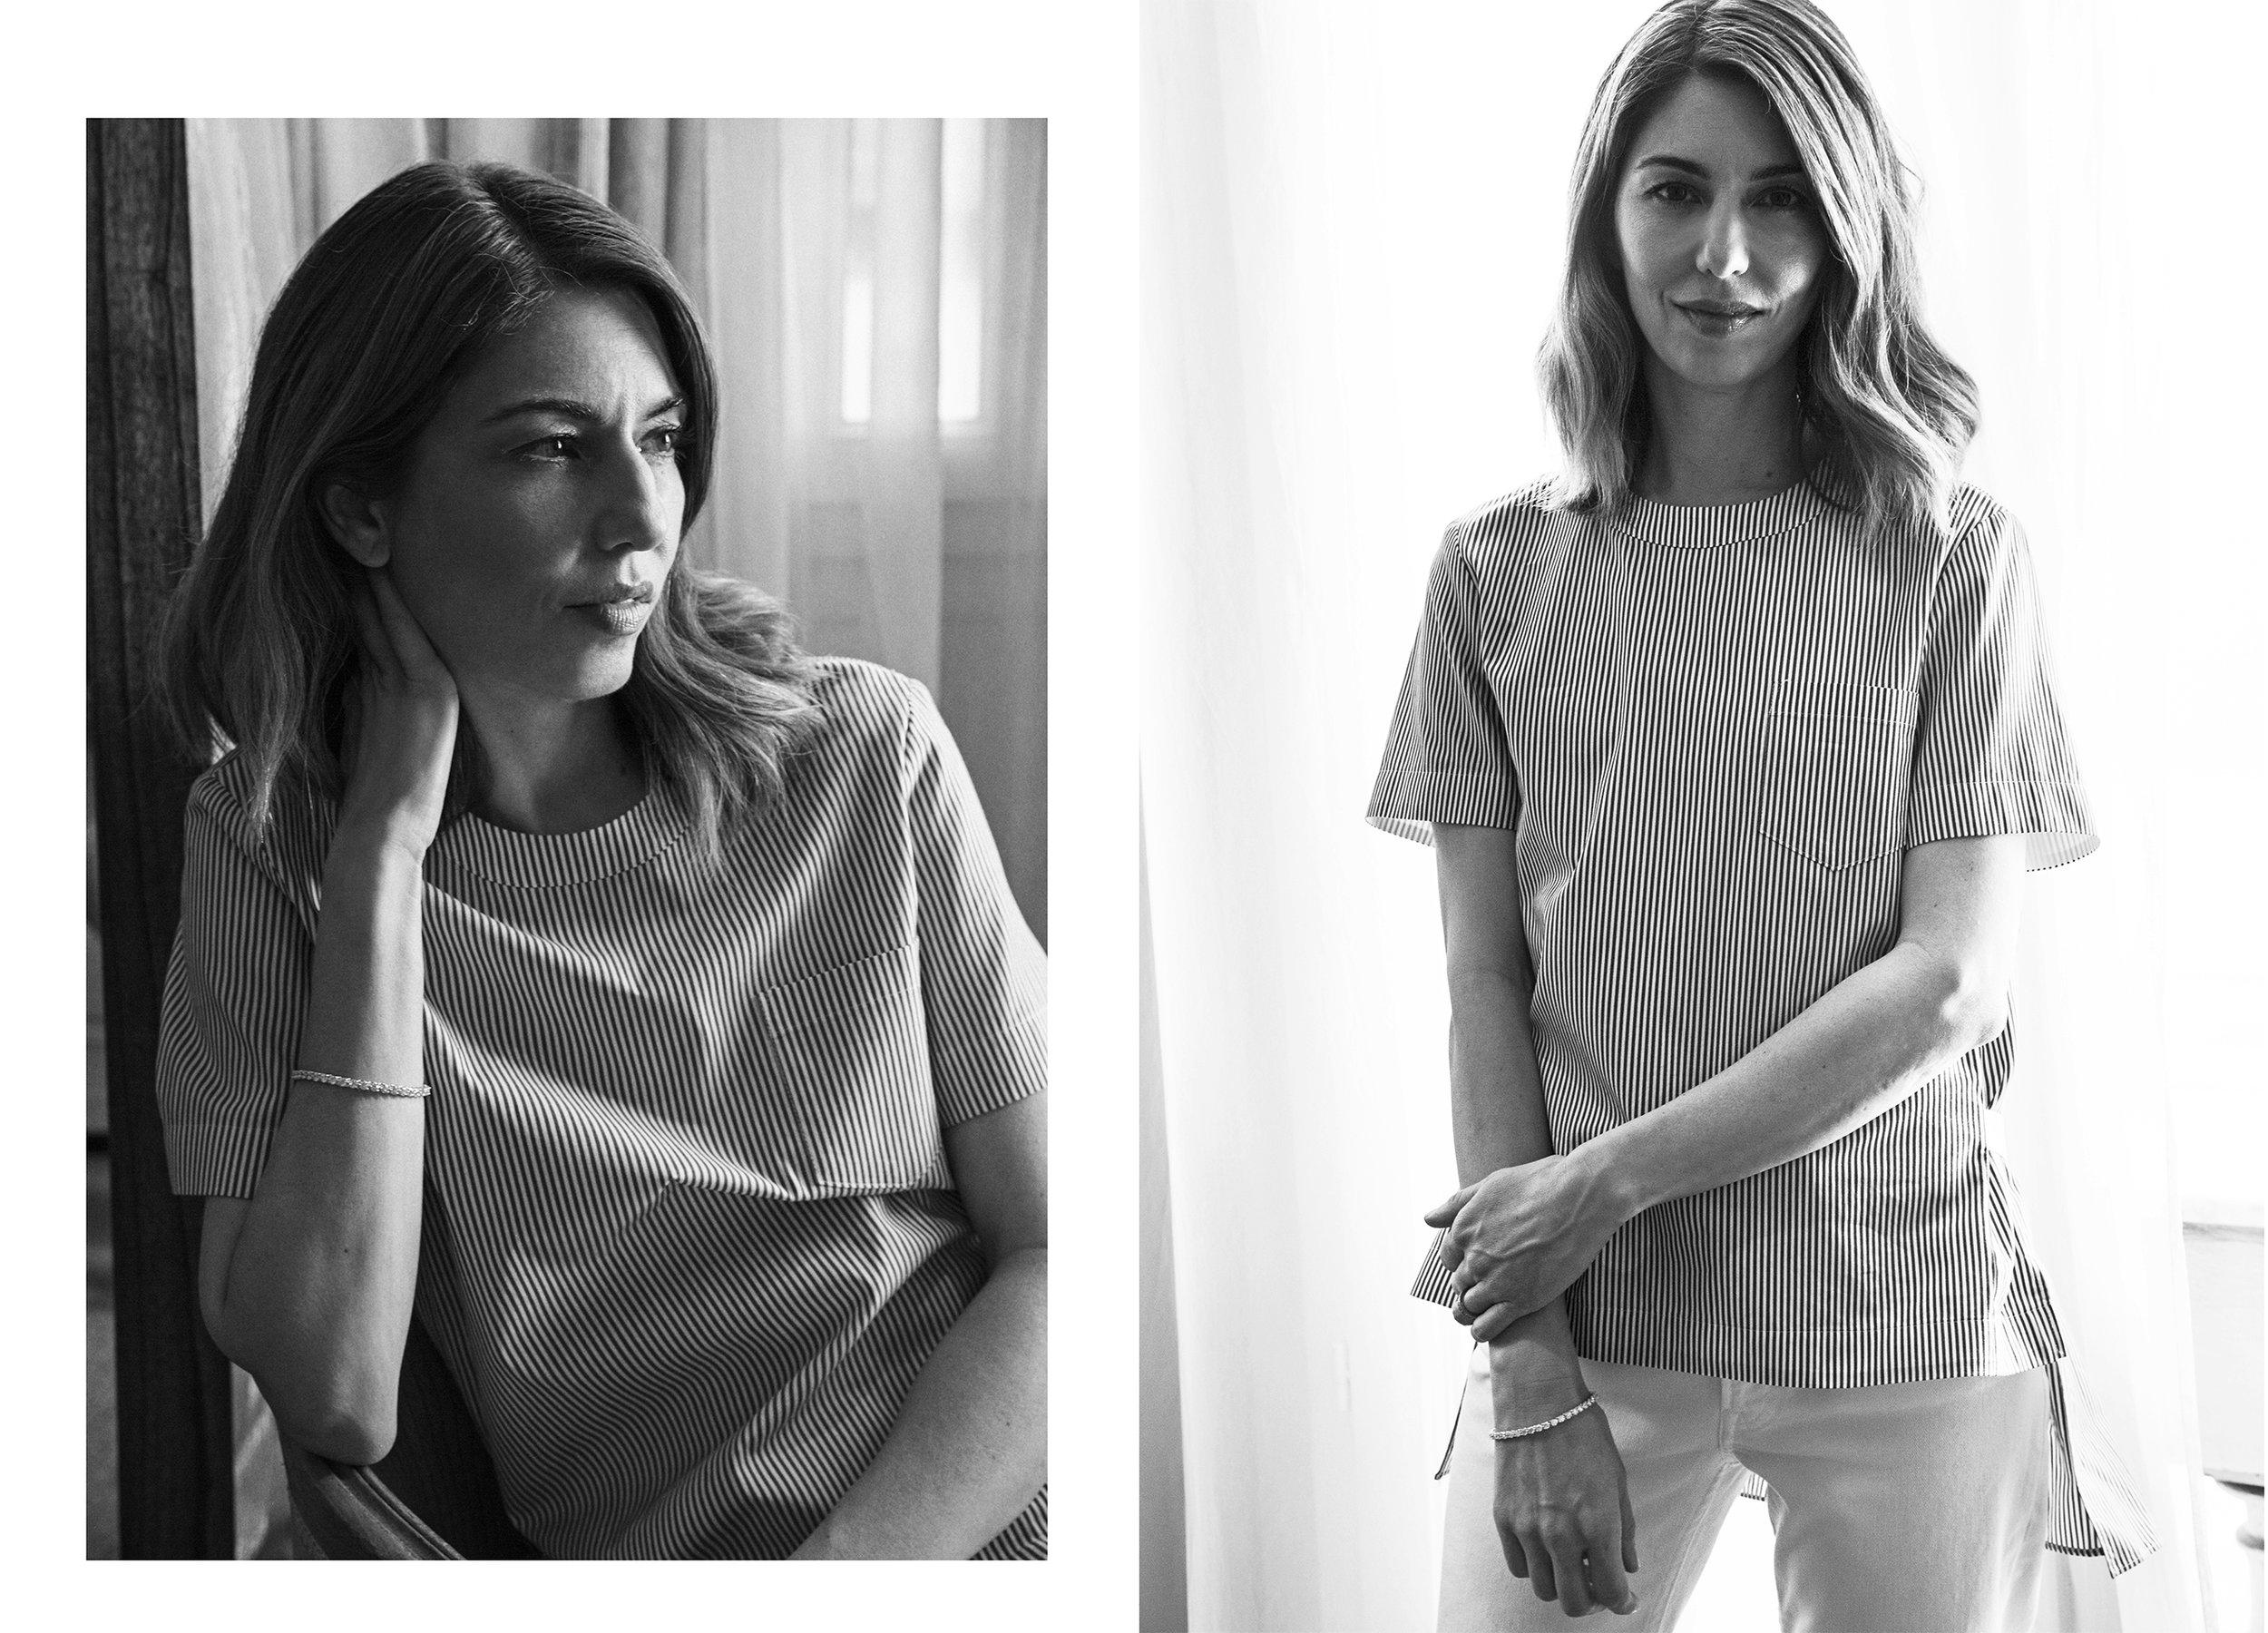 Sofia Coppola / T Magazine